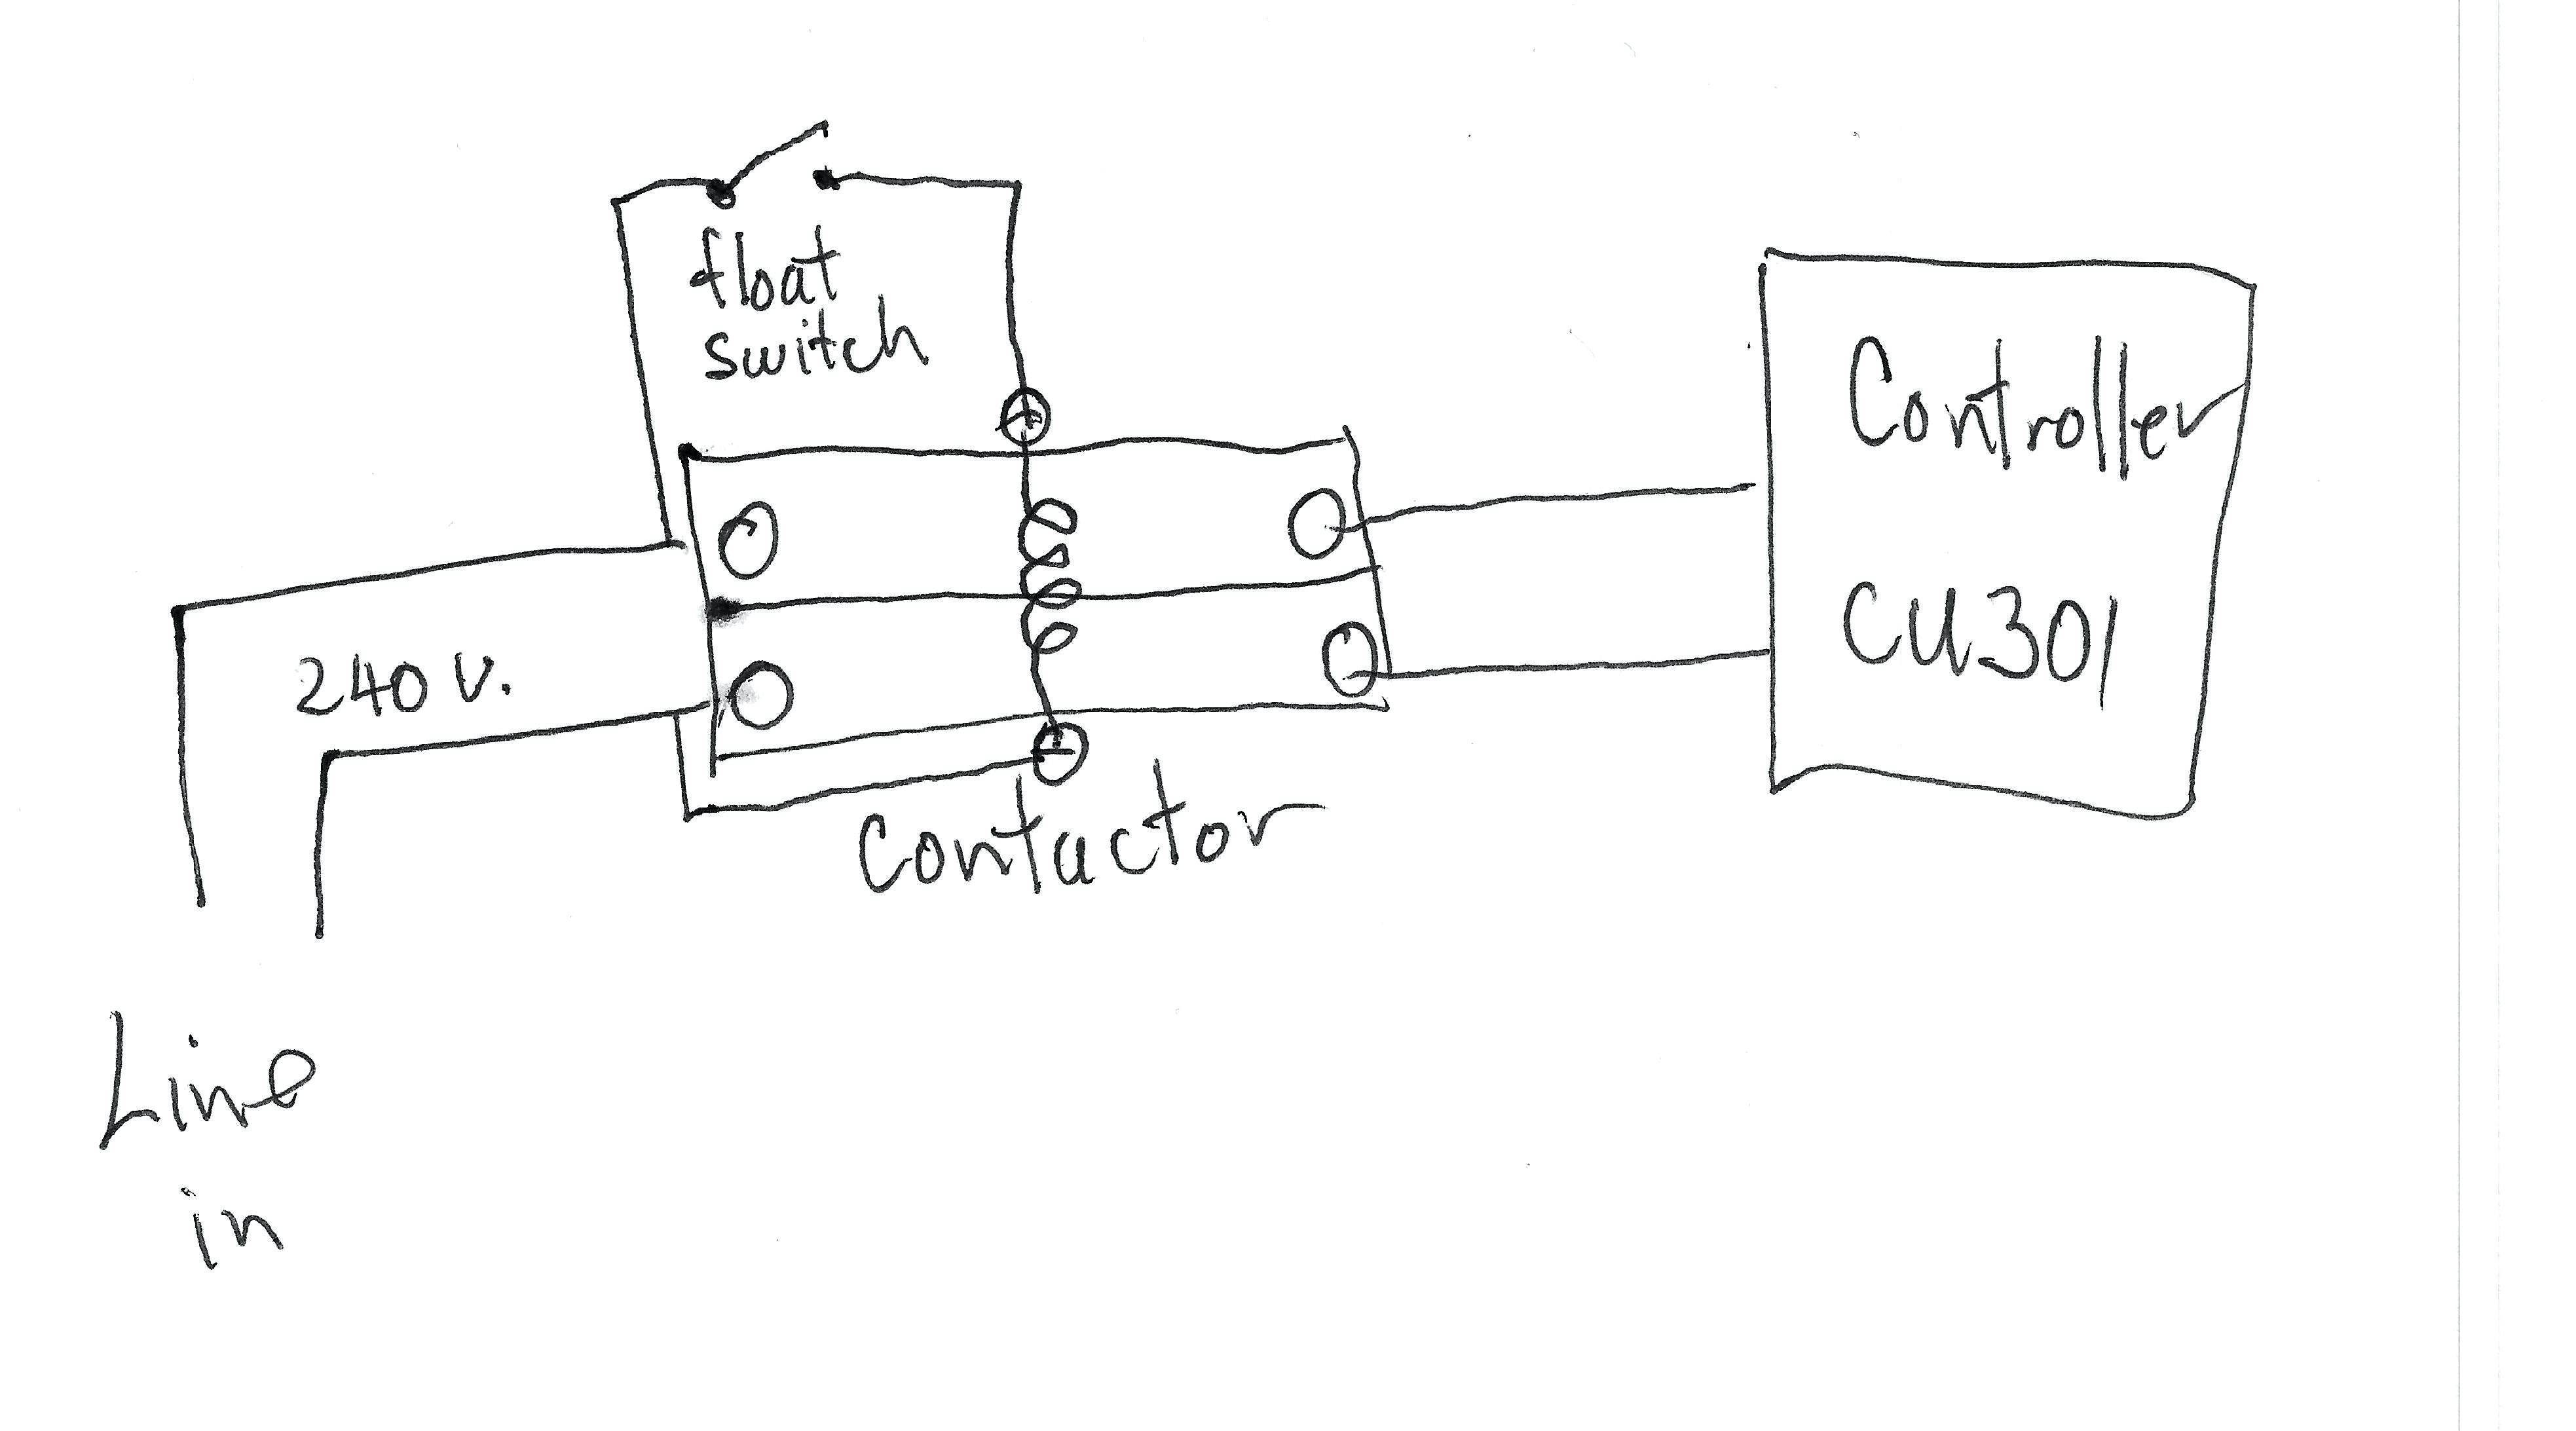 Franklin Well Pump Wiring Diagram - Schematics Wiring Diagram - 240 Volt Well Pump Wiring Diagram